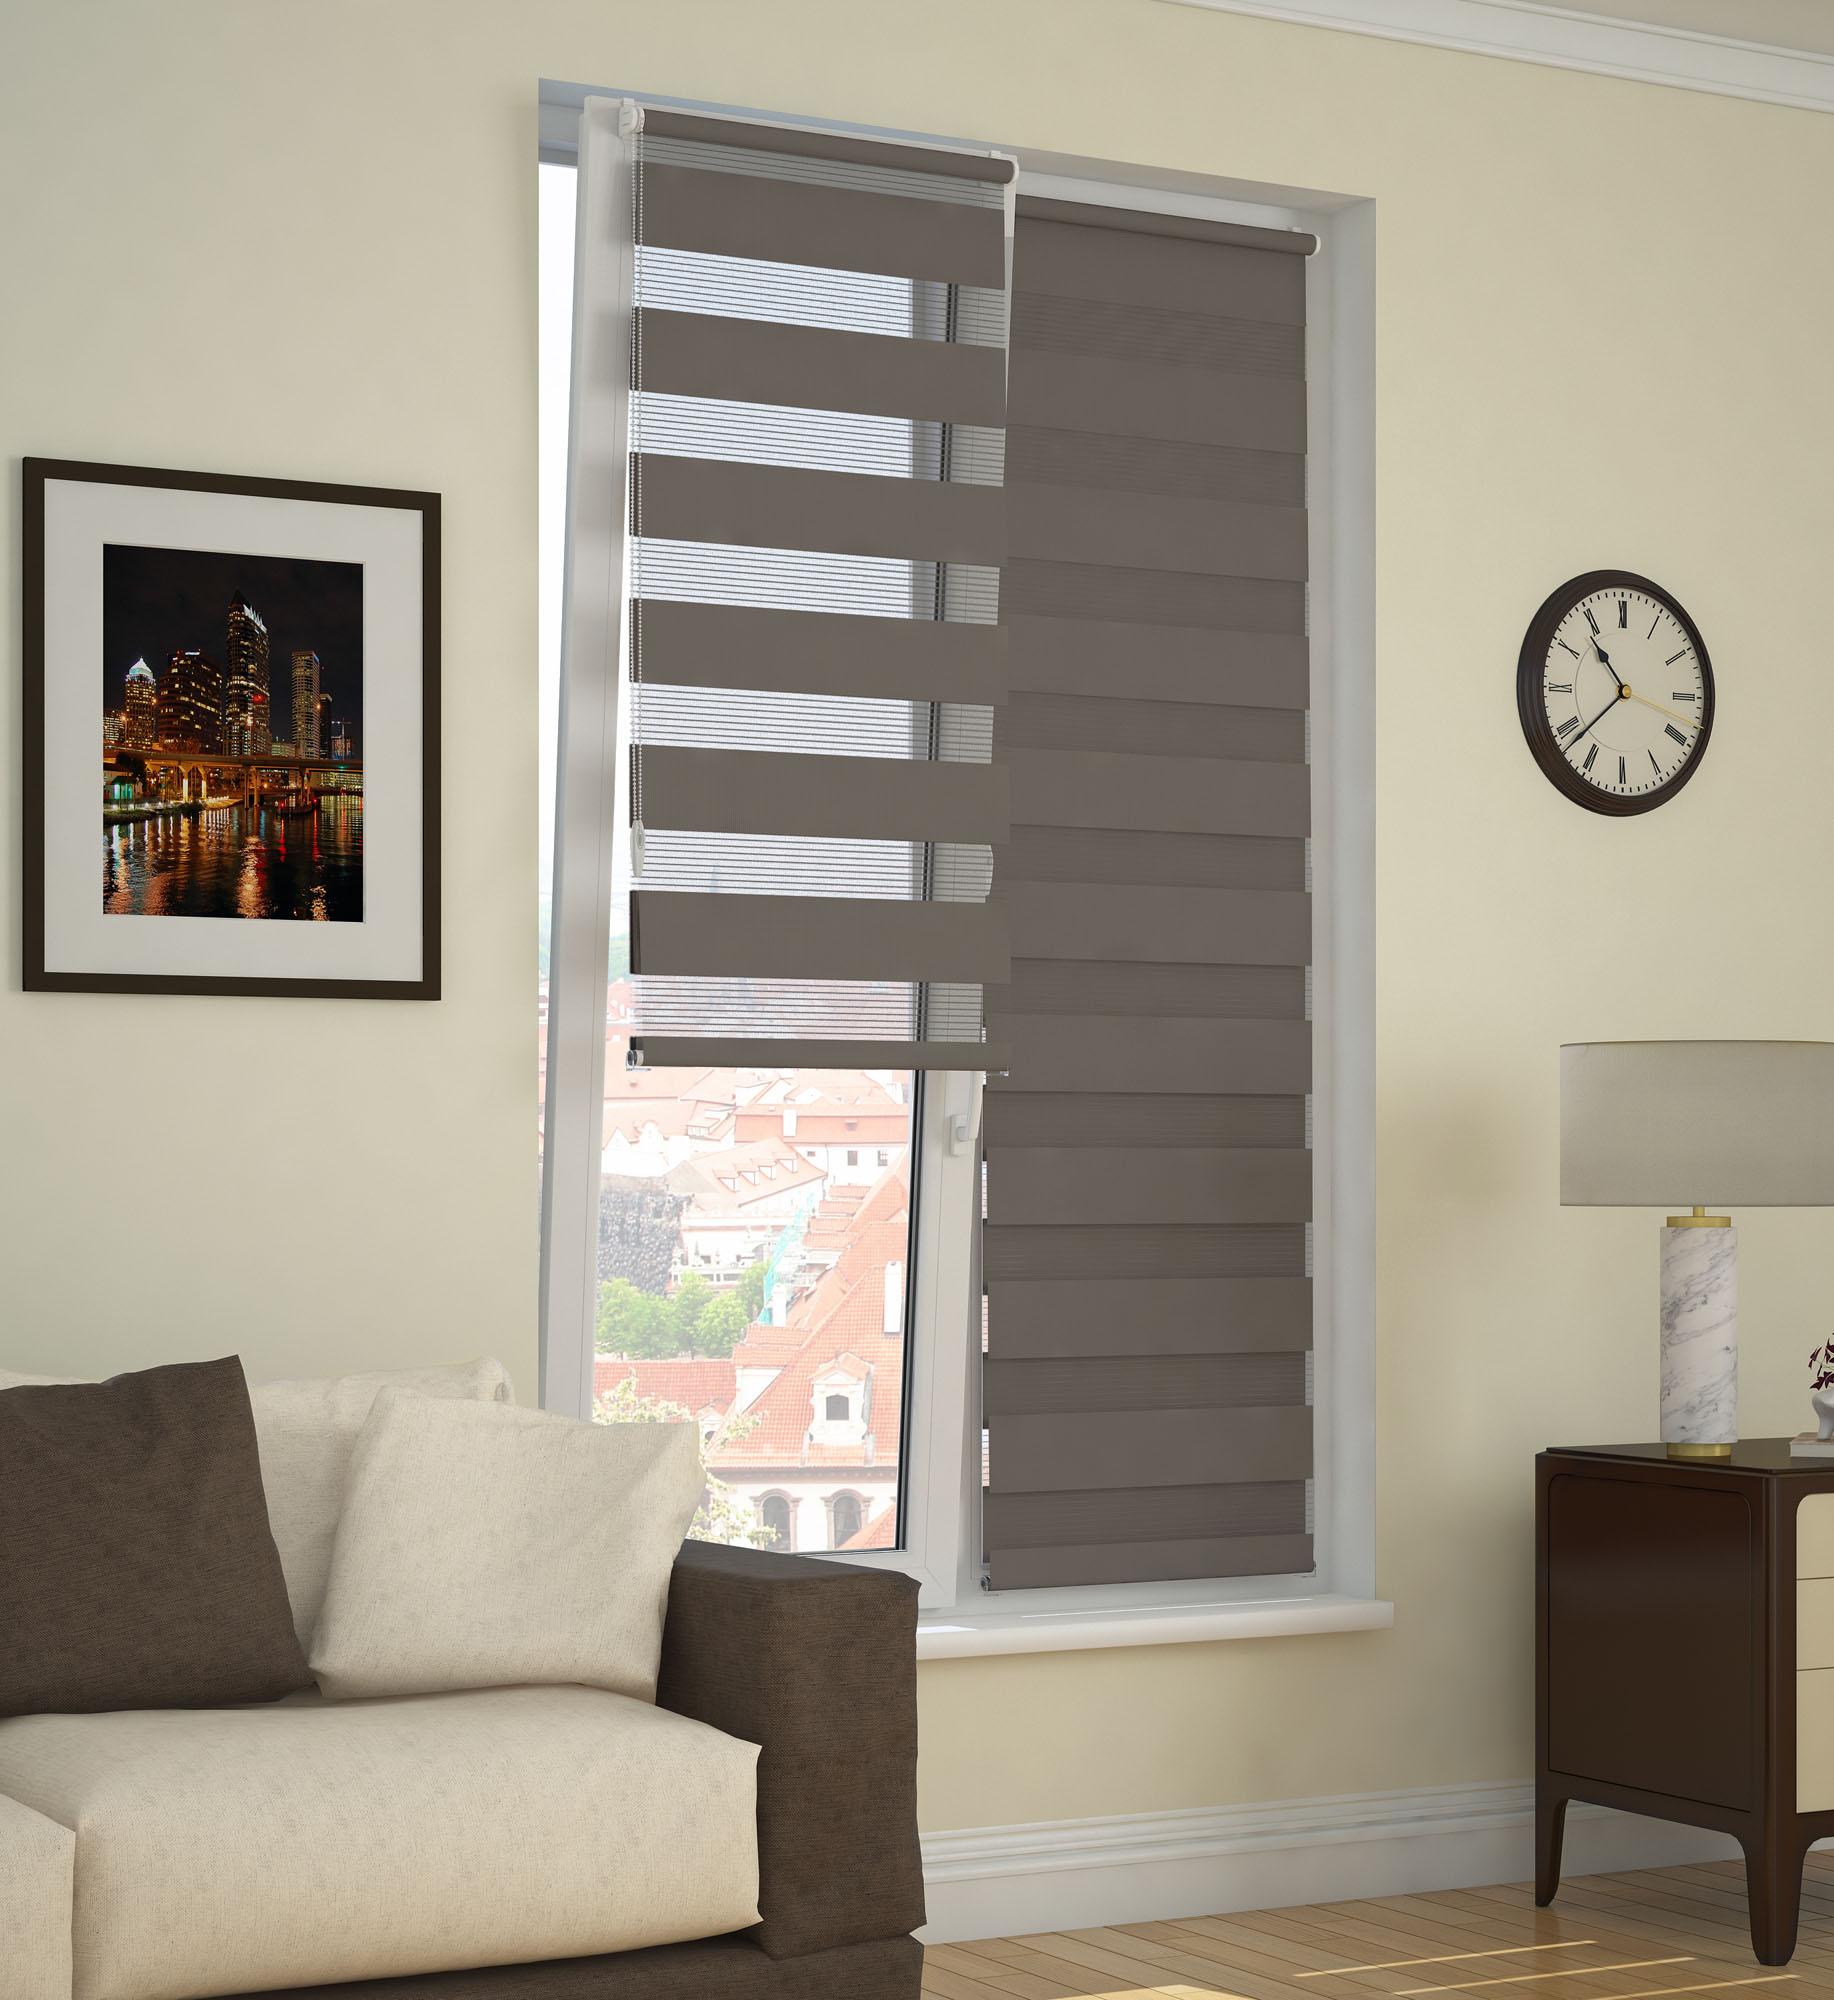 Фото - Рулонные шторы DDA 71075, коричневый рулонные шторы dda прованс принт 48x170 см